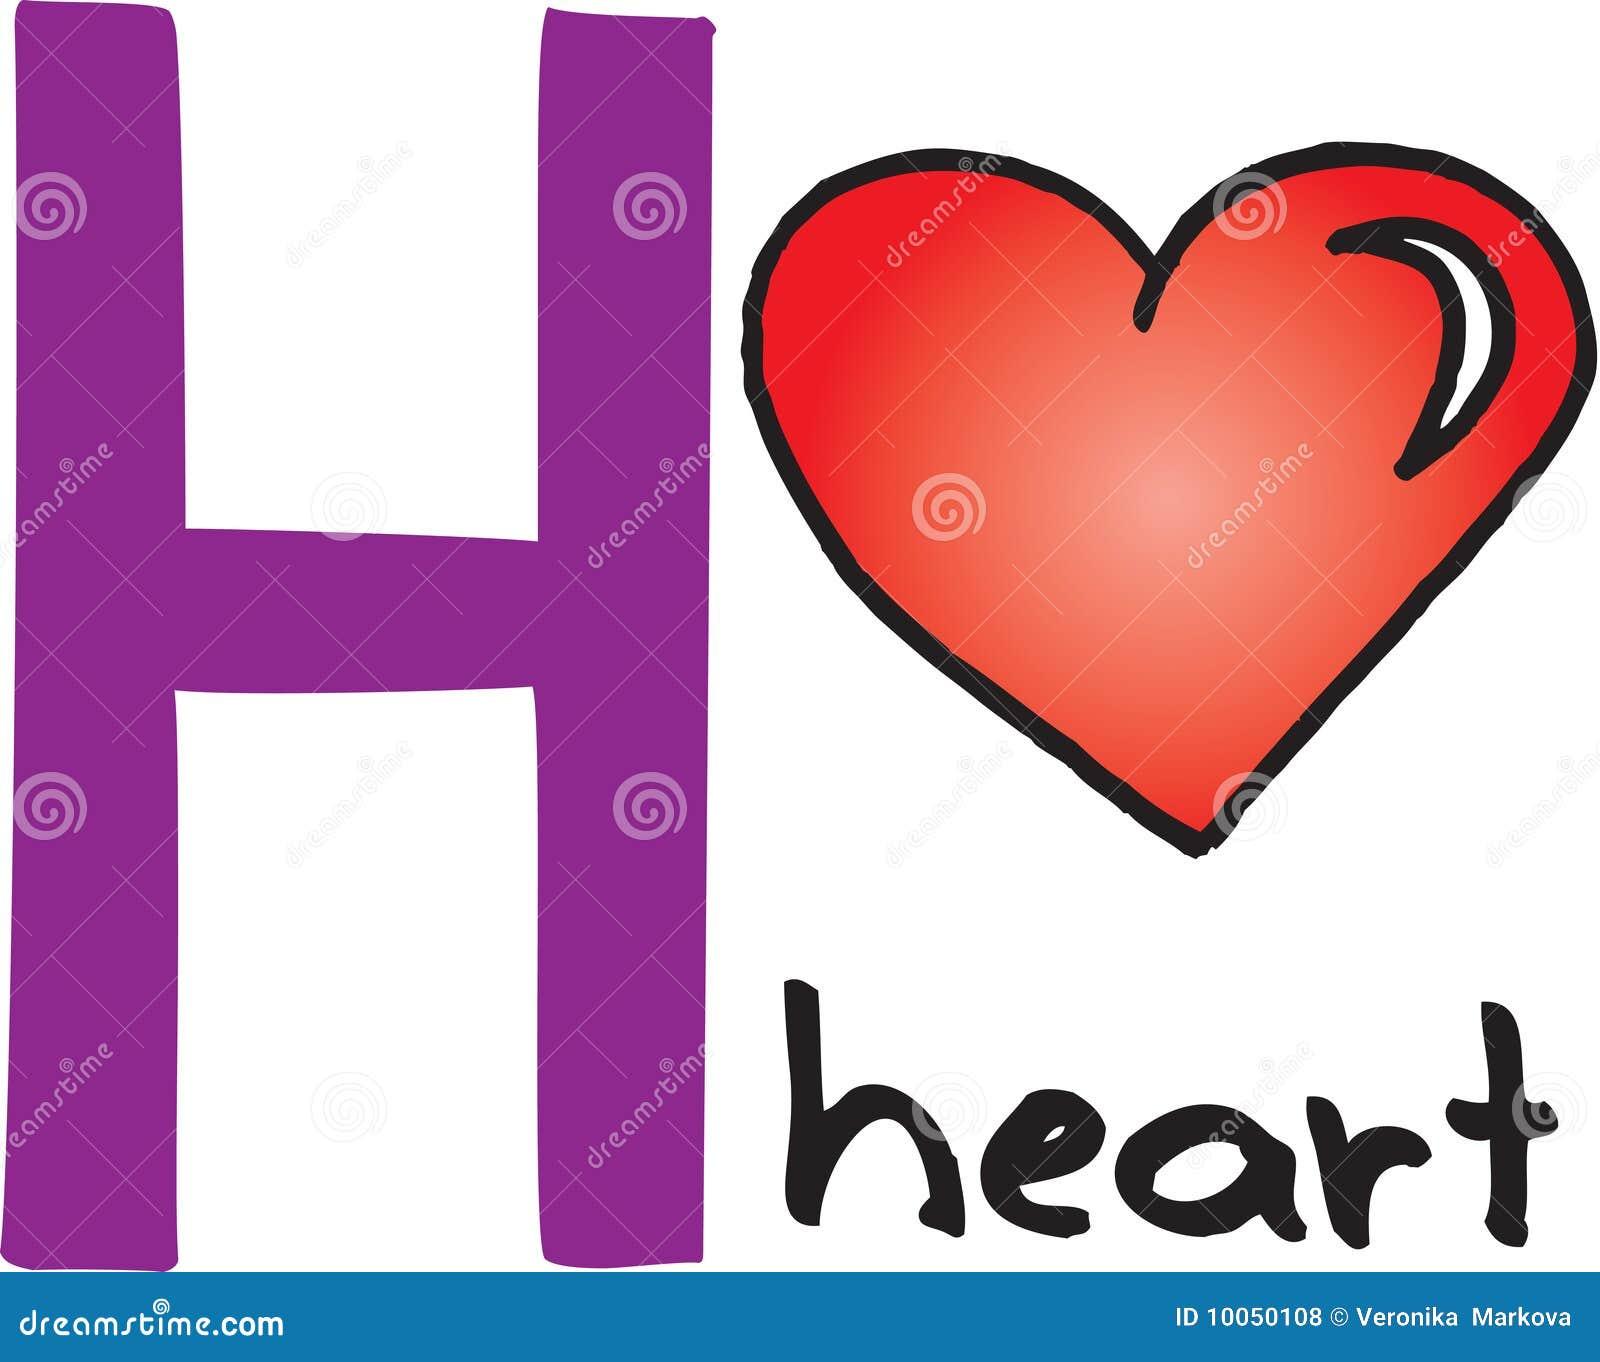 H Letter In Heart Letter H - Heart Royal...